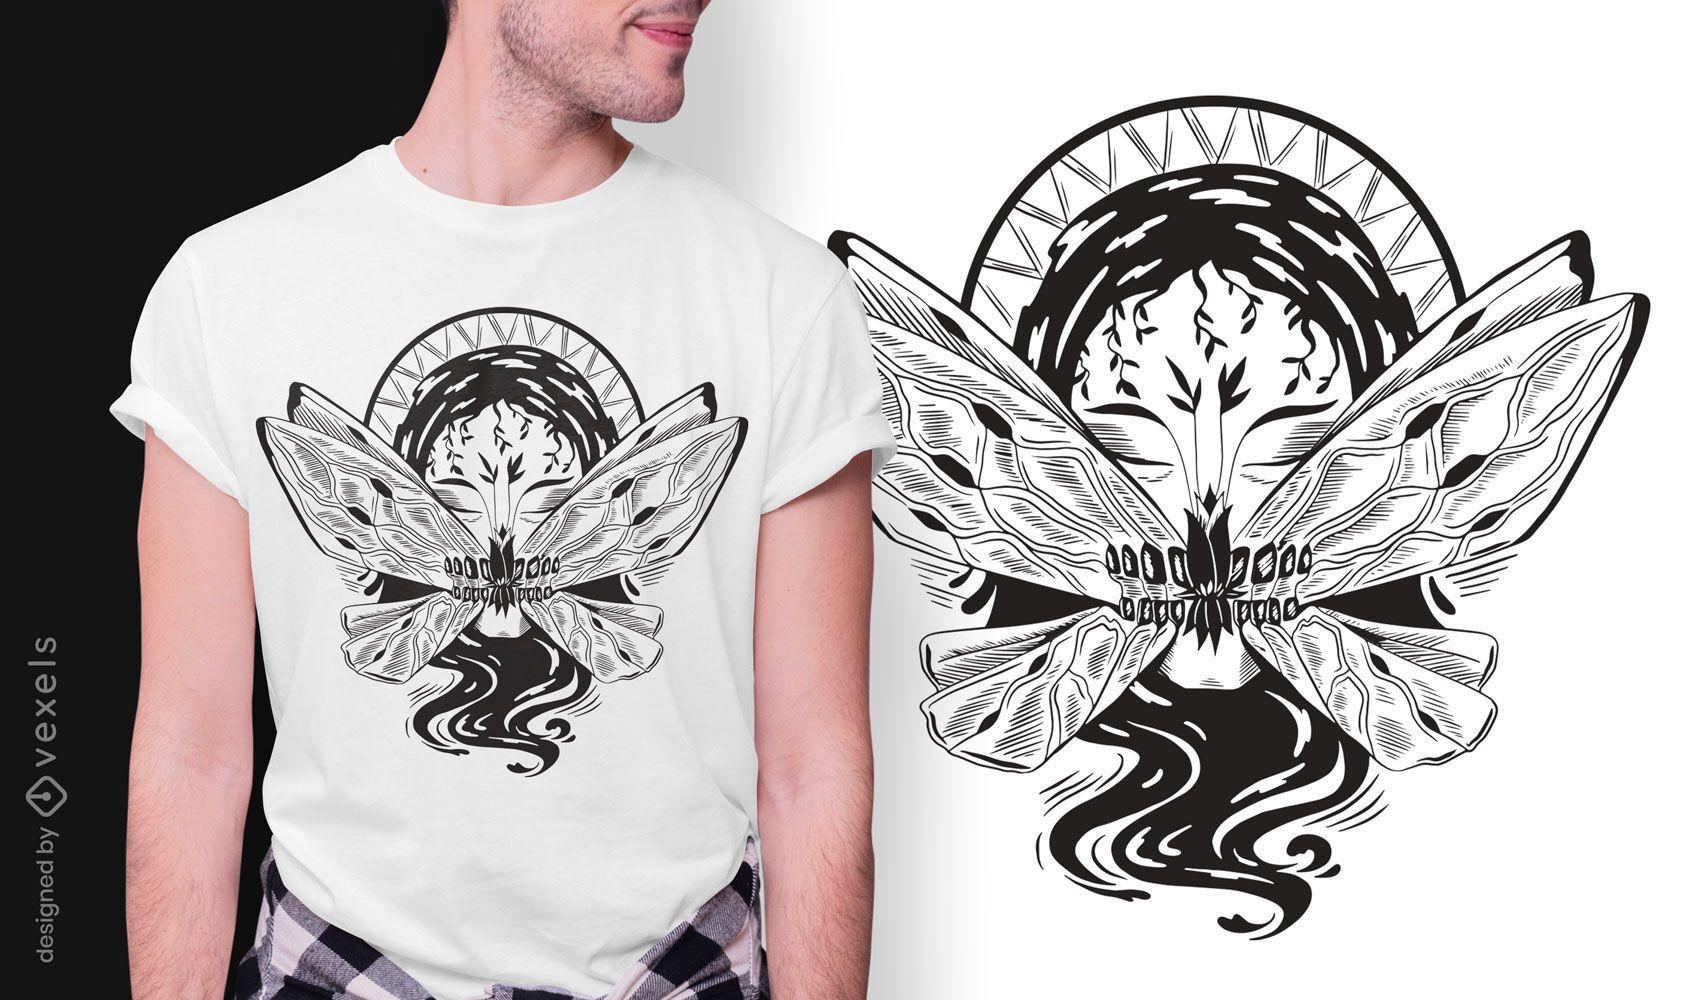 Butterfly mouth dark art nouveau t-shirt design